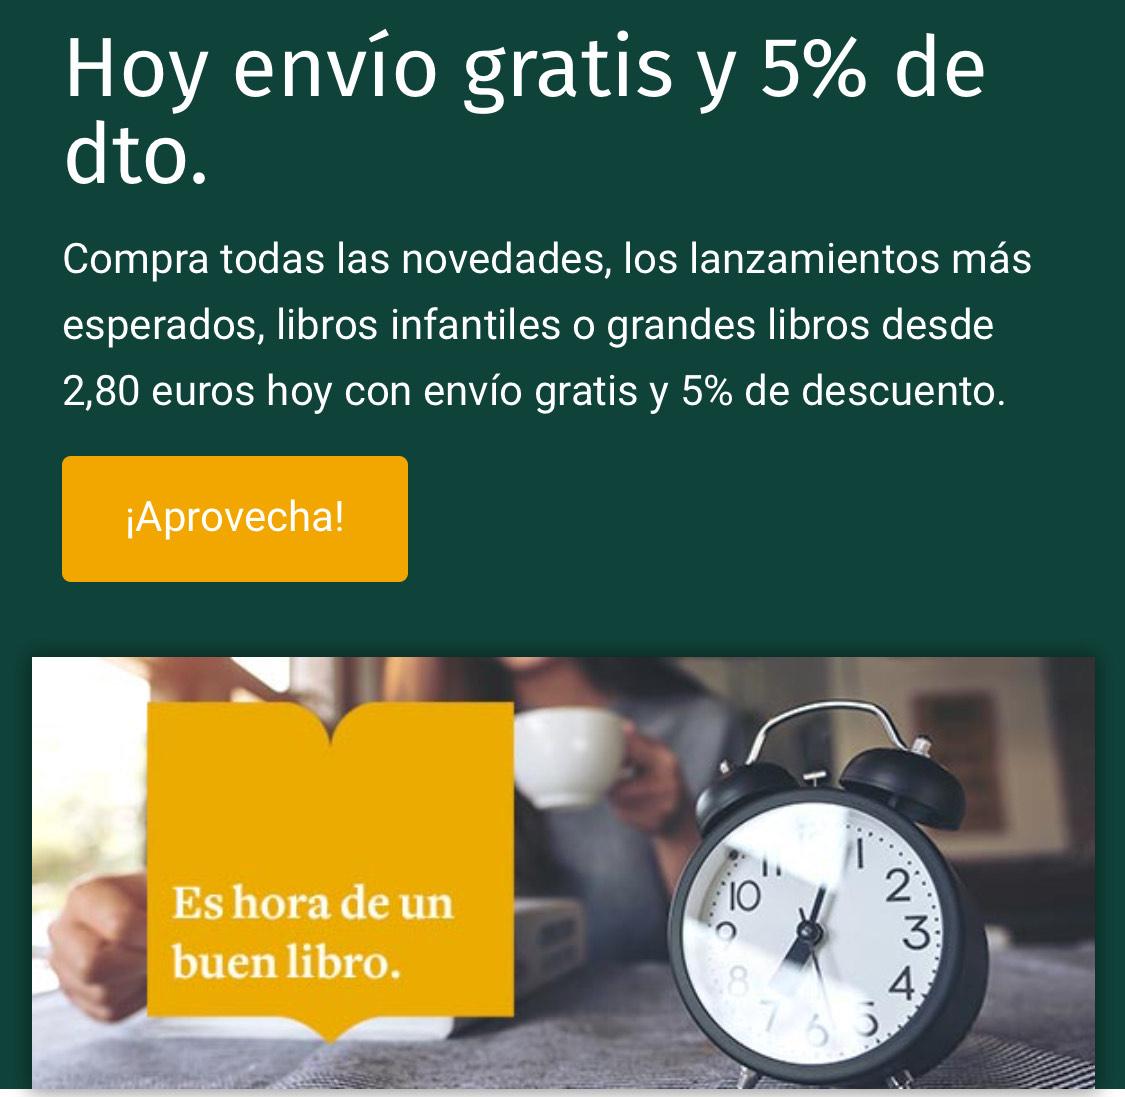 ENVÍO GRATIS Y 5% DESCUENTO